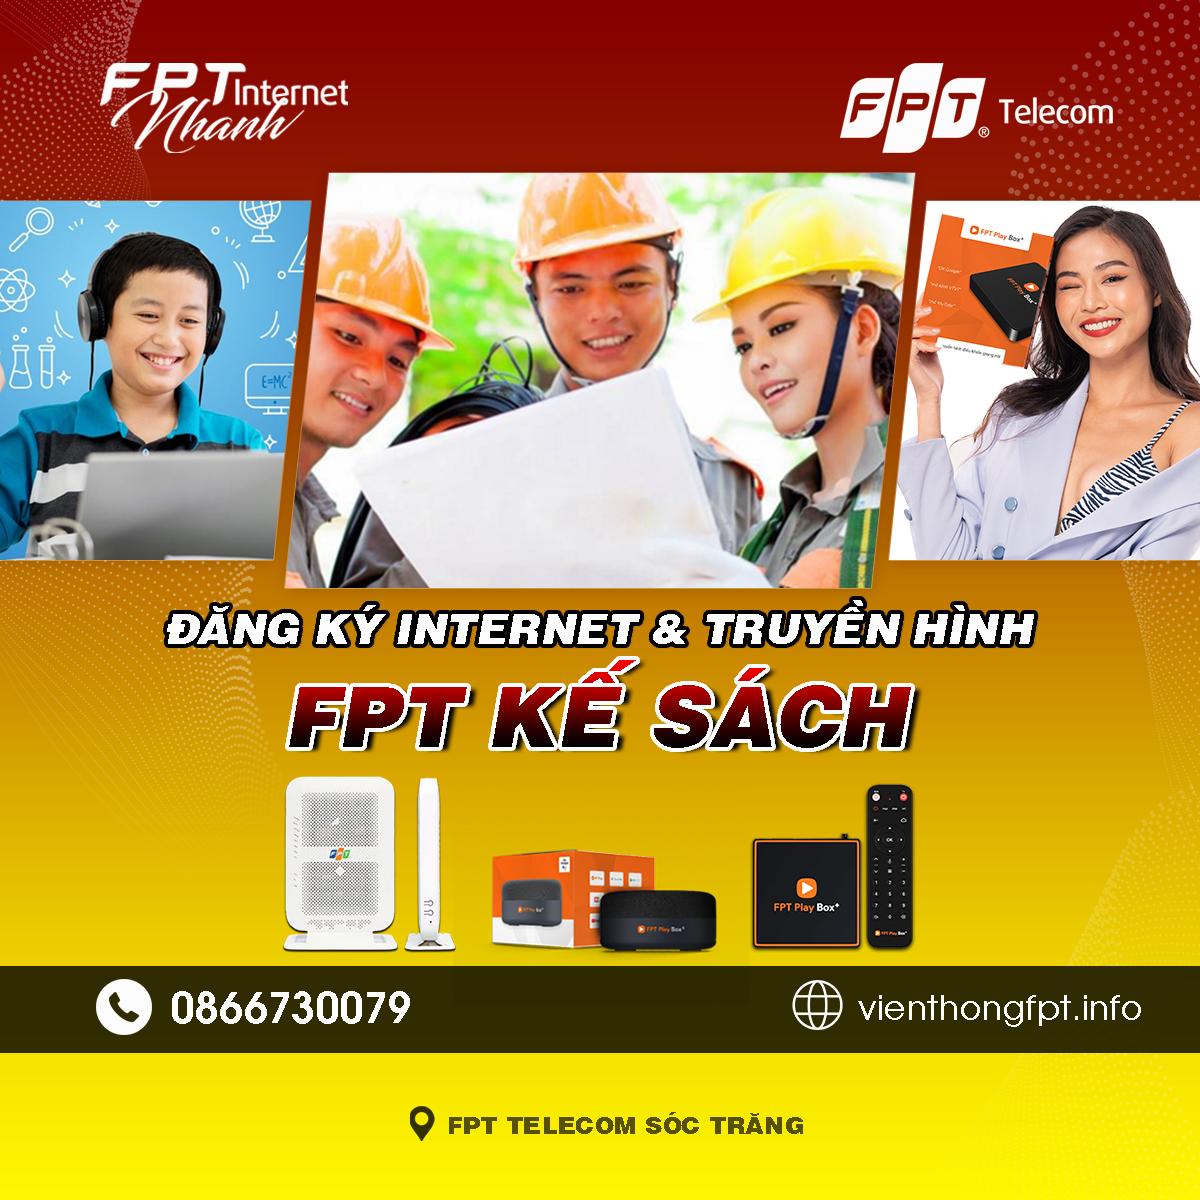 Tổng đài FPT Kế Sách - Đơn vị lắp mạng Internet và Truyền hình FPT